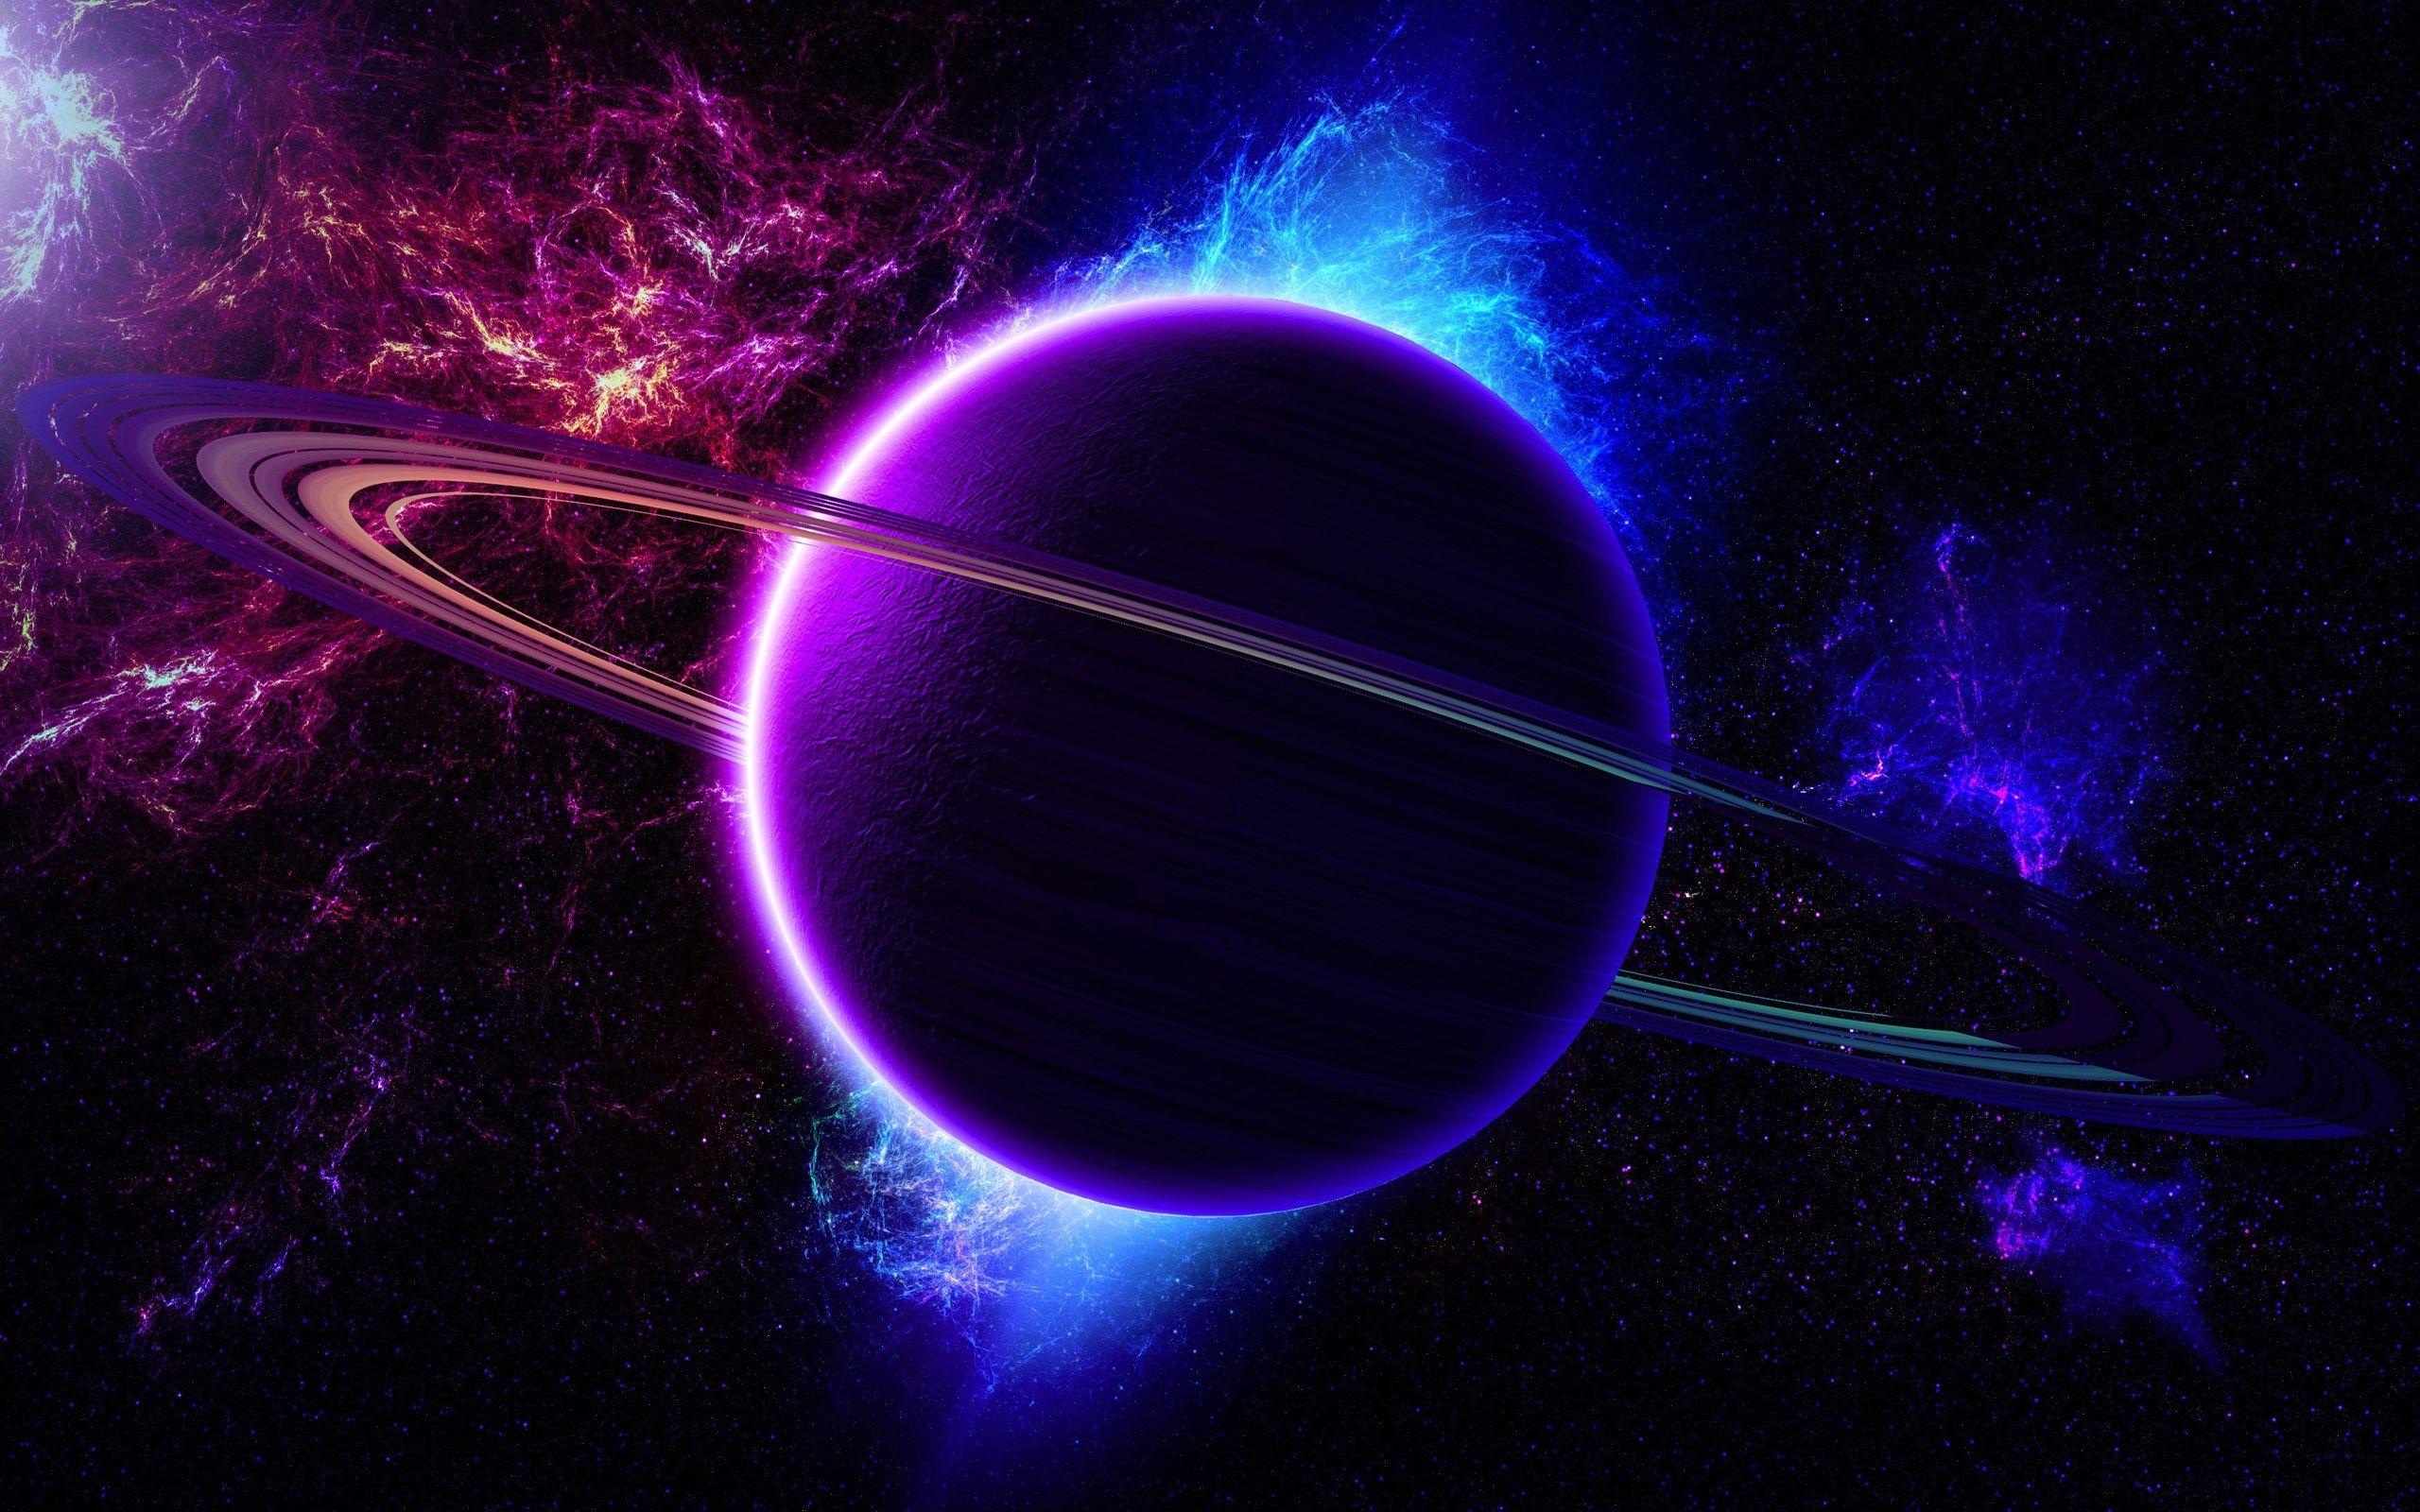 宇宙 星雲 惑星 リング ライト 紫青色 壁紙 2560x1600 壁紙ダウンロード 星雲 惑星 デスクトップの背景